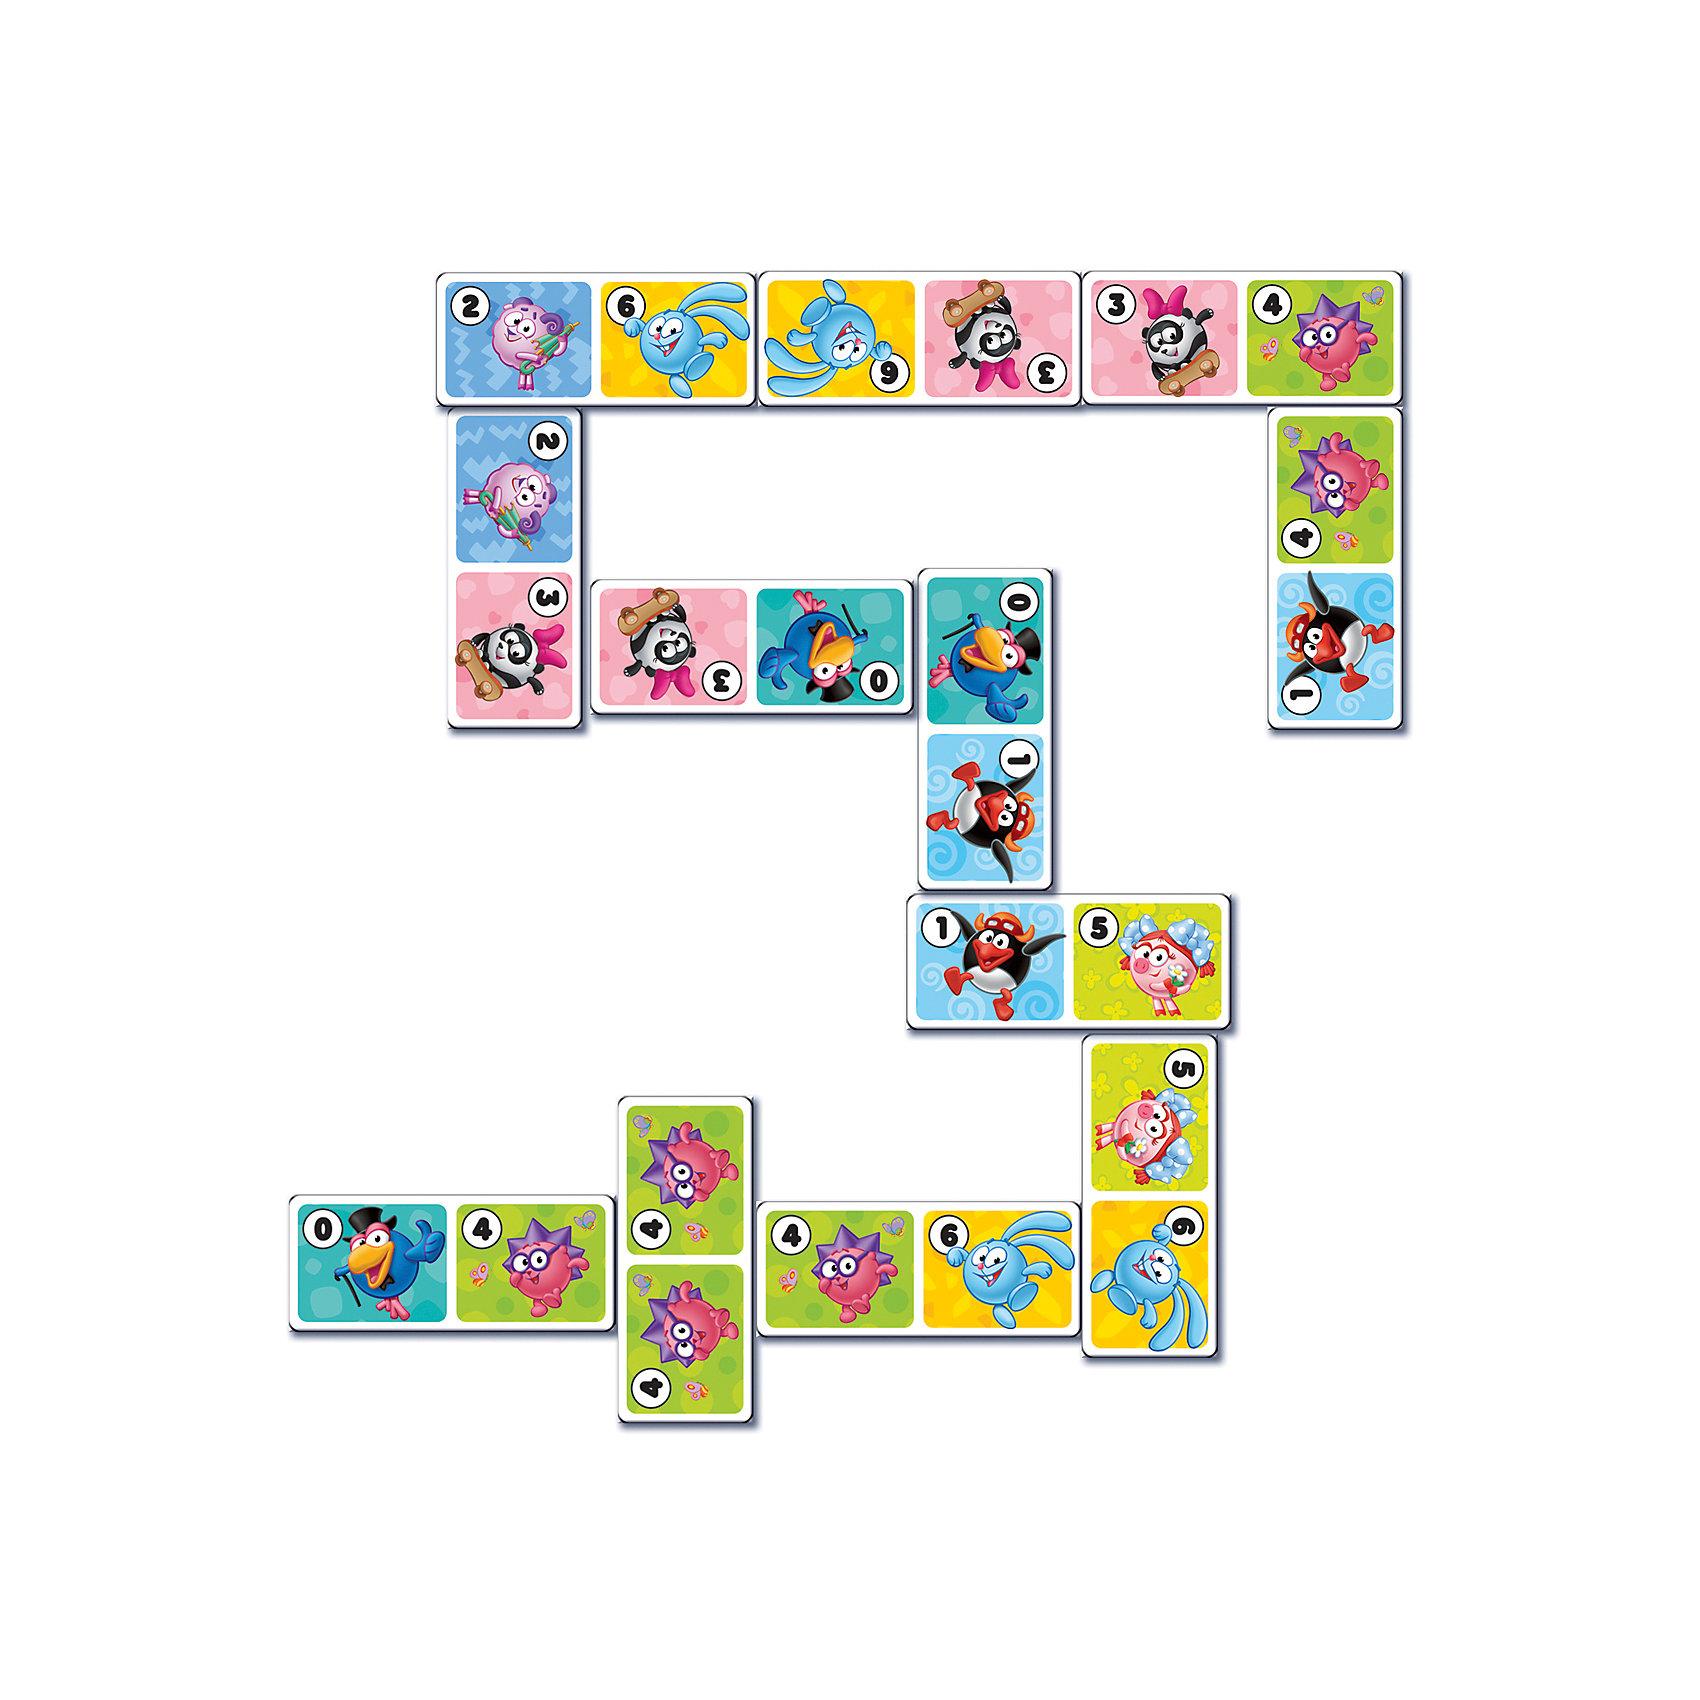 Настольная игра Домино, Смешарики, Vladi ToysХарактеристики:<br><br>• Вид игр: обучающие, развивающие<br>• Серия: настольные игры<br>• Количество игроков: до 4-х человек<br>• Пол: универсальный<br>• Материал: картон<br>• Цвет: голубой, розовый, желтый и др.<br>• Комплектация: 28 элементов домино, инструкция с правилами игры<br>• Размеры упаковки (Д*Ш*В): 19,5*3,6*24 см<br>• Тип упаковки: картонная коробка<br>• Вес в упаковке: 240 г<br><br>Настольная игра Домино, Смешарики, Vladi Toys, производителем которых является компания, специализирующаяся на выпуске развивающих игр, давно уже стали популярными среди аналогичной продукции. Развивающие настольные игры являются эффективным способом развития и обучения ребенка. При производстве настольных игр от Vladi Toys используются только экологически безопасные материалы, которые не вызывают аллергии и не имеют запаха. Набор состоит из фишек-домино с изображением персонажей сериала Смешарики. Все игровые элементы набора отличаются яркостью красок и наглядностью. <br>Настольная игра Домино, Смешарики, Vladi Toys позволит организовать веселый и полезный досуг вашего ребенка, научит внимательности и логическому мышлению, а также будет способствовать развитию памяти.<br><br>Настольную игру Домино, Смешарики, Vladi Toys можно купить в нашем интернет-магазине.<br><br>Ширина мм: 195<br>Глубина мм: 36<br>Высота мм: 240<br>Вес г: 240<br>Возраст от месяцев: 24<br>Возраст до месяцев: 84<br>Пол: Унисекс<br>Возраст: Детский<br>SKU: 5136129